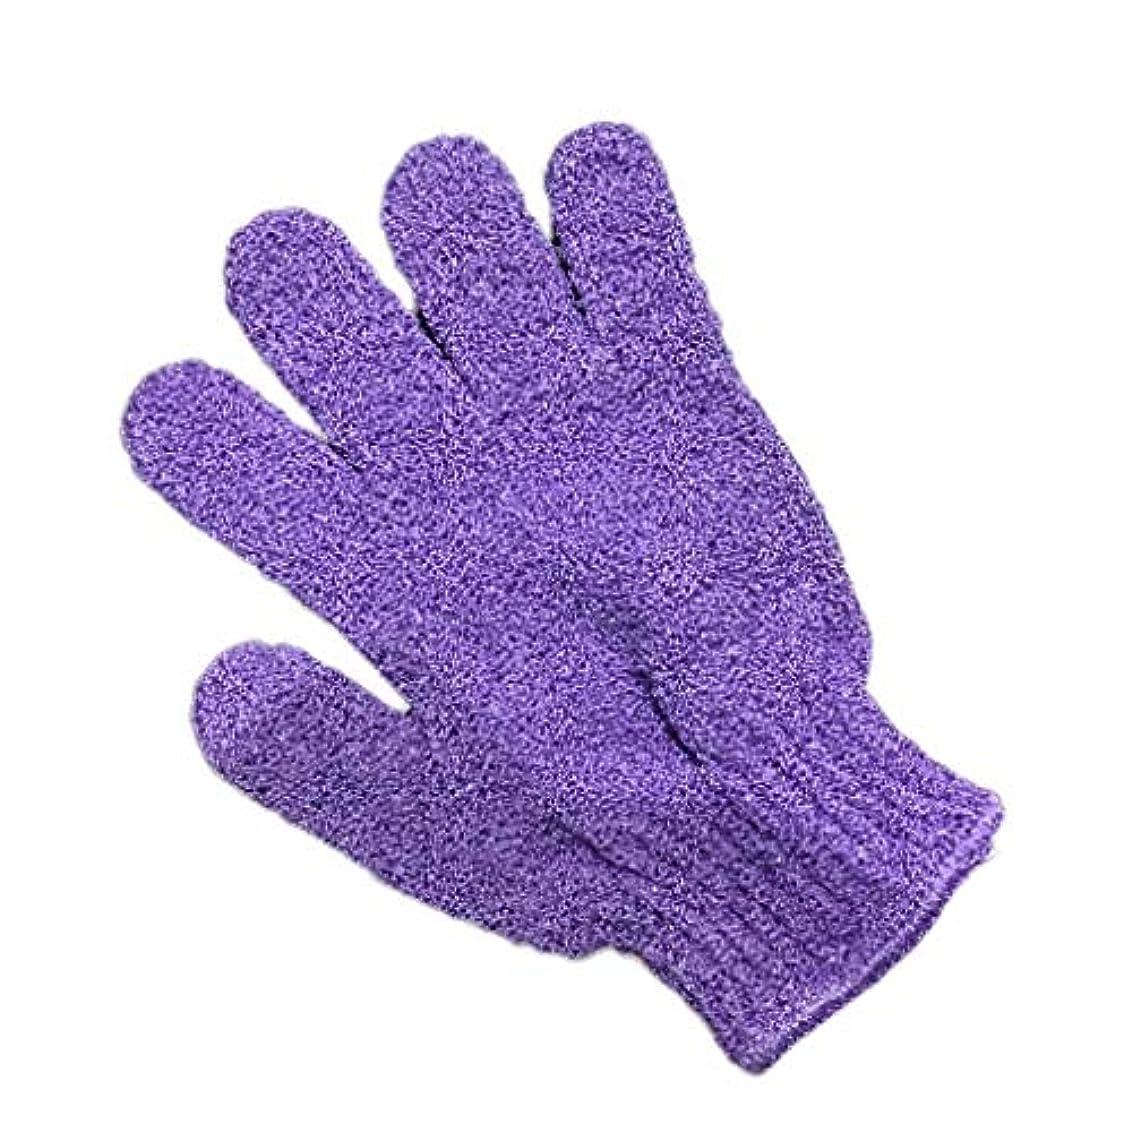 知的ヒットしばしばTopFires お風呂用手袋 ボディウォッシュ手袋 入浴用品 垢すり用グローブ 抗菌加工 角質除去 泡立ち 男女兼用 便利なループ付け